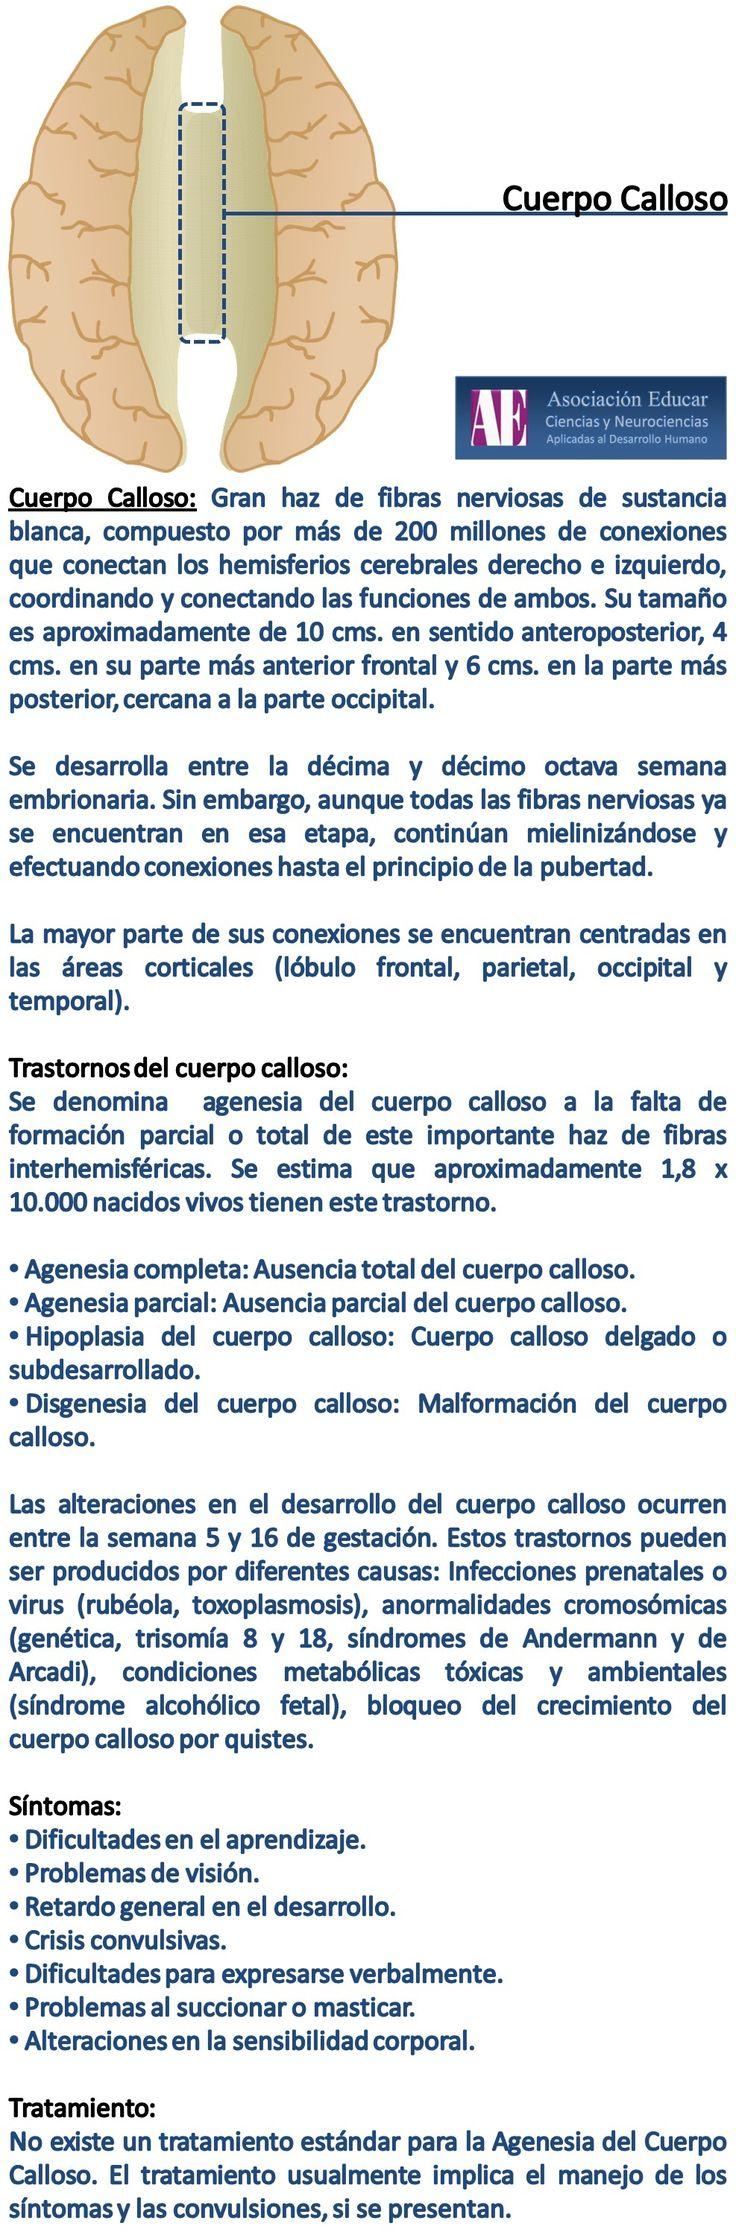 Cuerpo Calloso - Asociación Educar - Ciencias y Neurociencias aplicadas al Desarrollo Humano - www.asociacioneducar.com